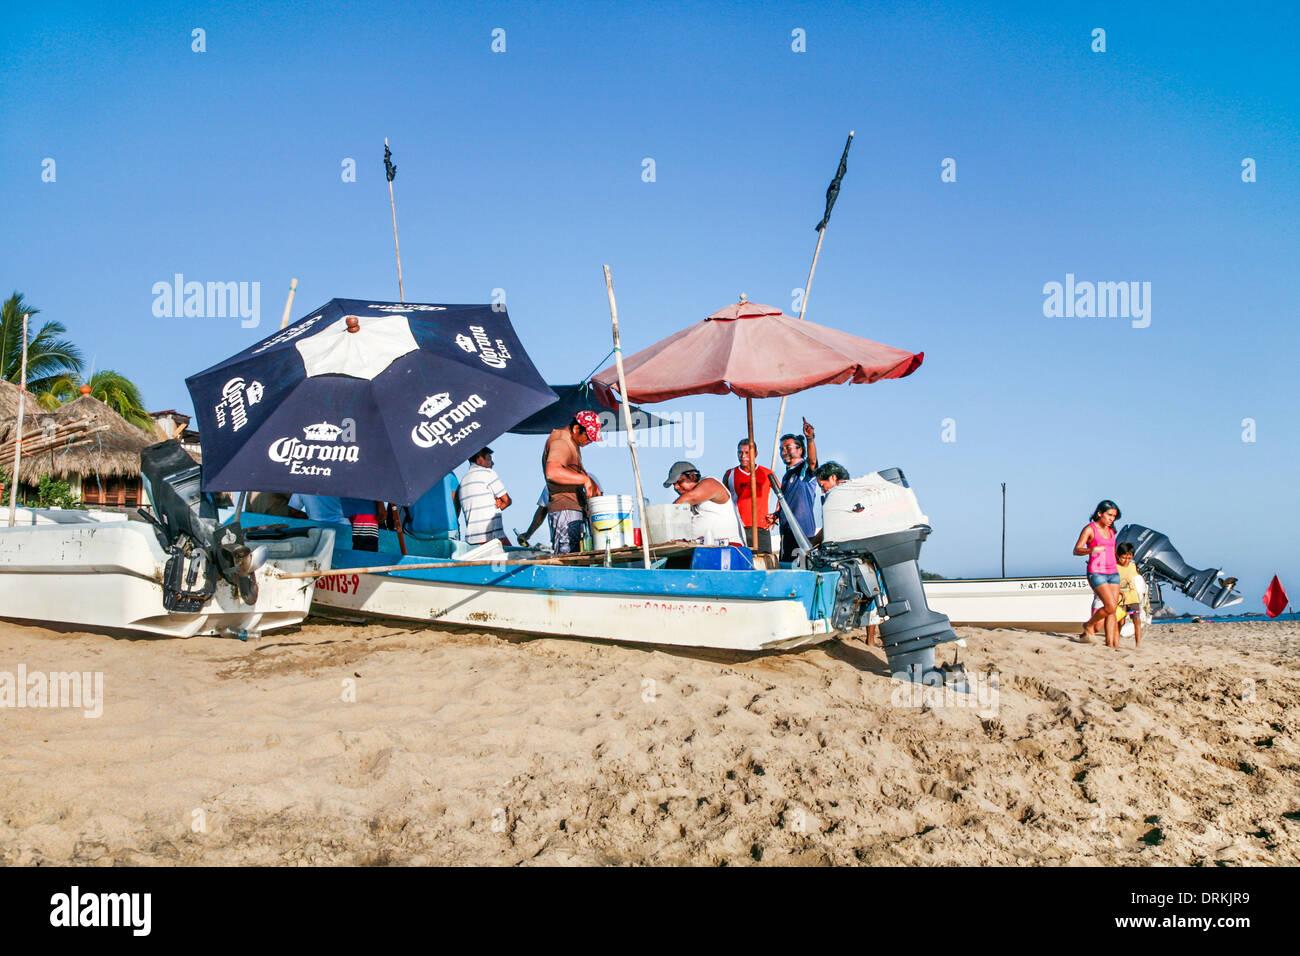 I pescatori locali break out ombrelloni & birra 31 dicembre 2013 mentre il campionamento delicatezze dal loro catture prima di Capodanno parti iniziare Immagini Stock